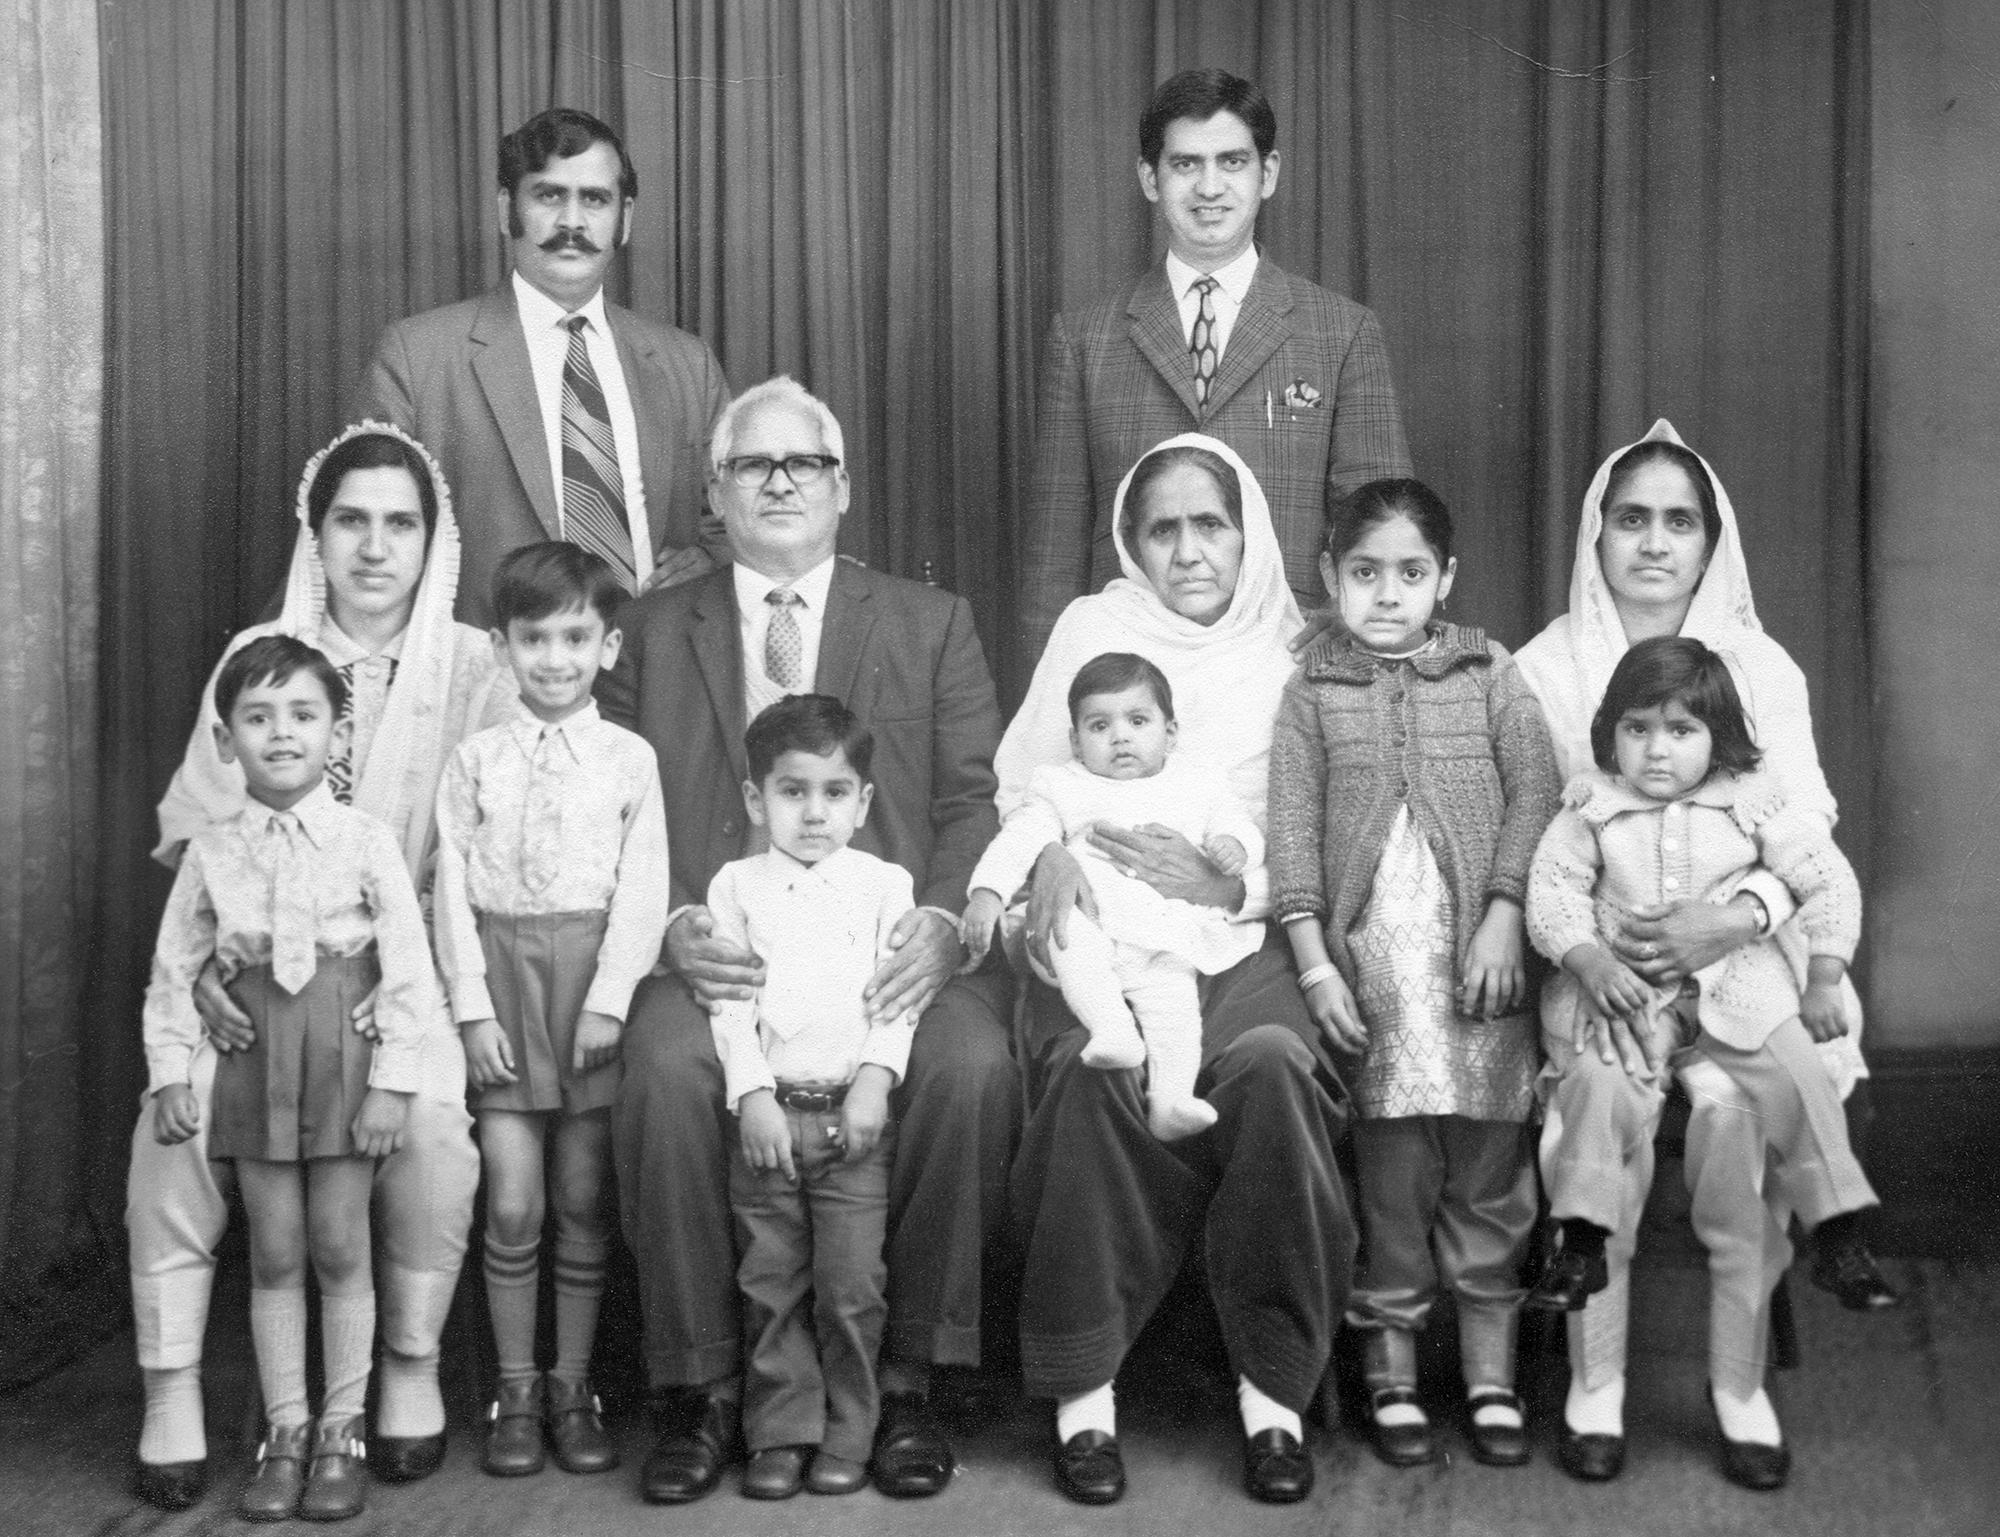 Belle Vue Studios portrait of a 3 generation South Asian family